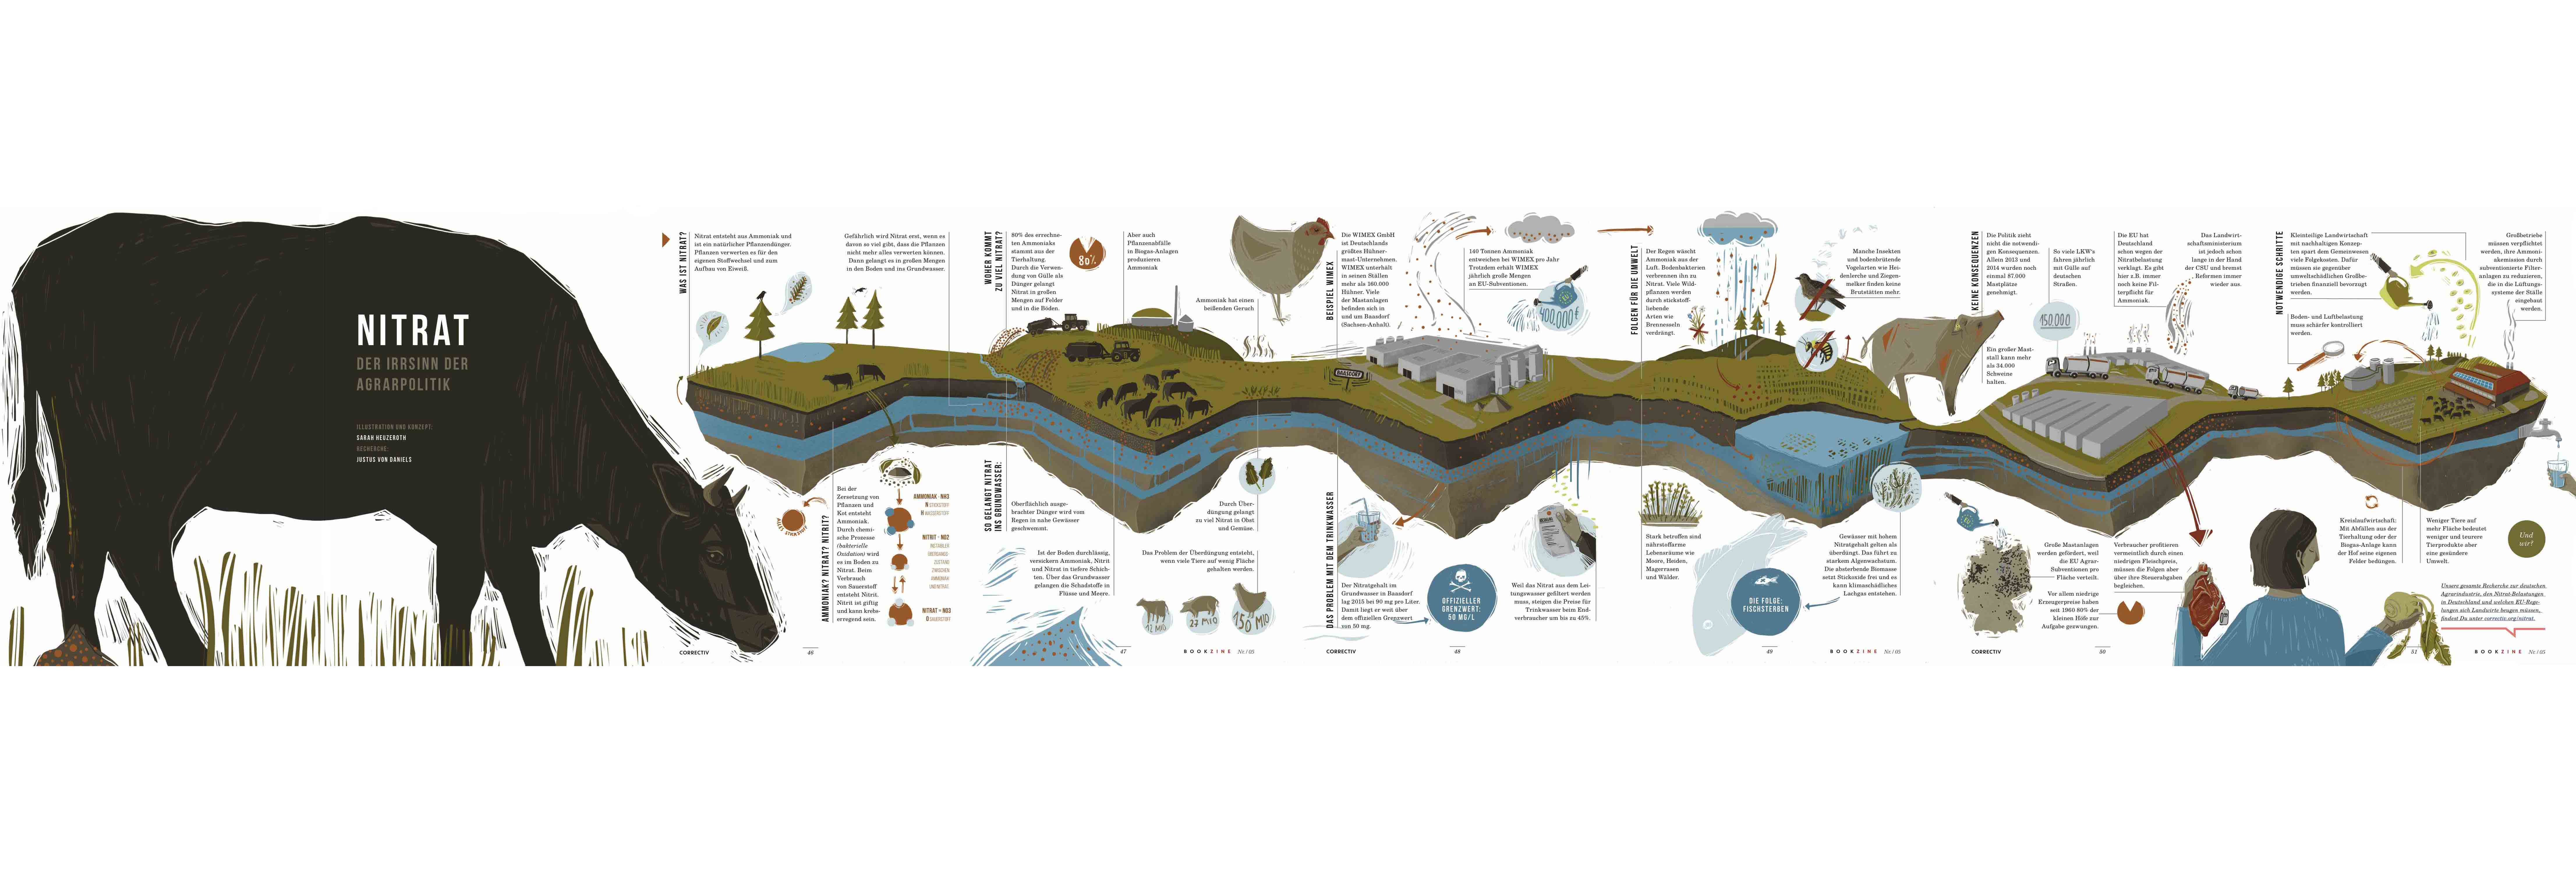 infografikbild-komplett_klein_hoeher